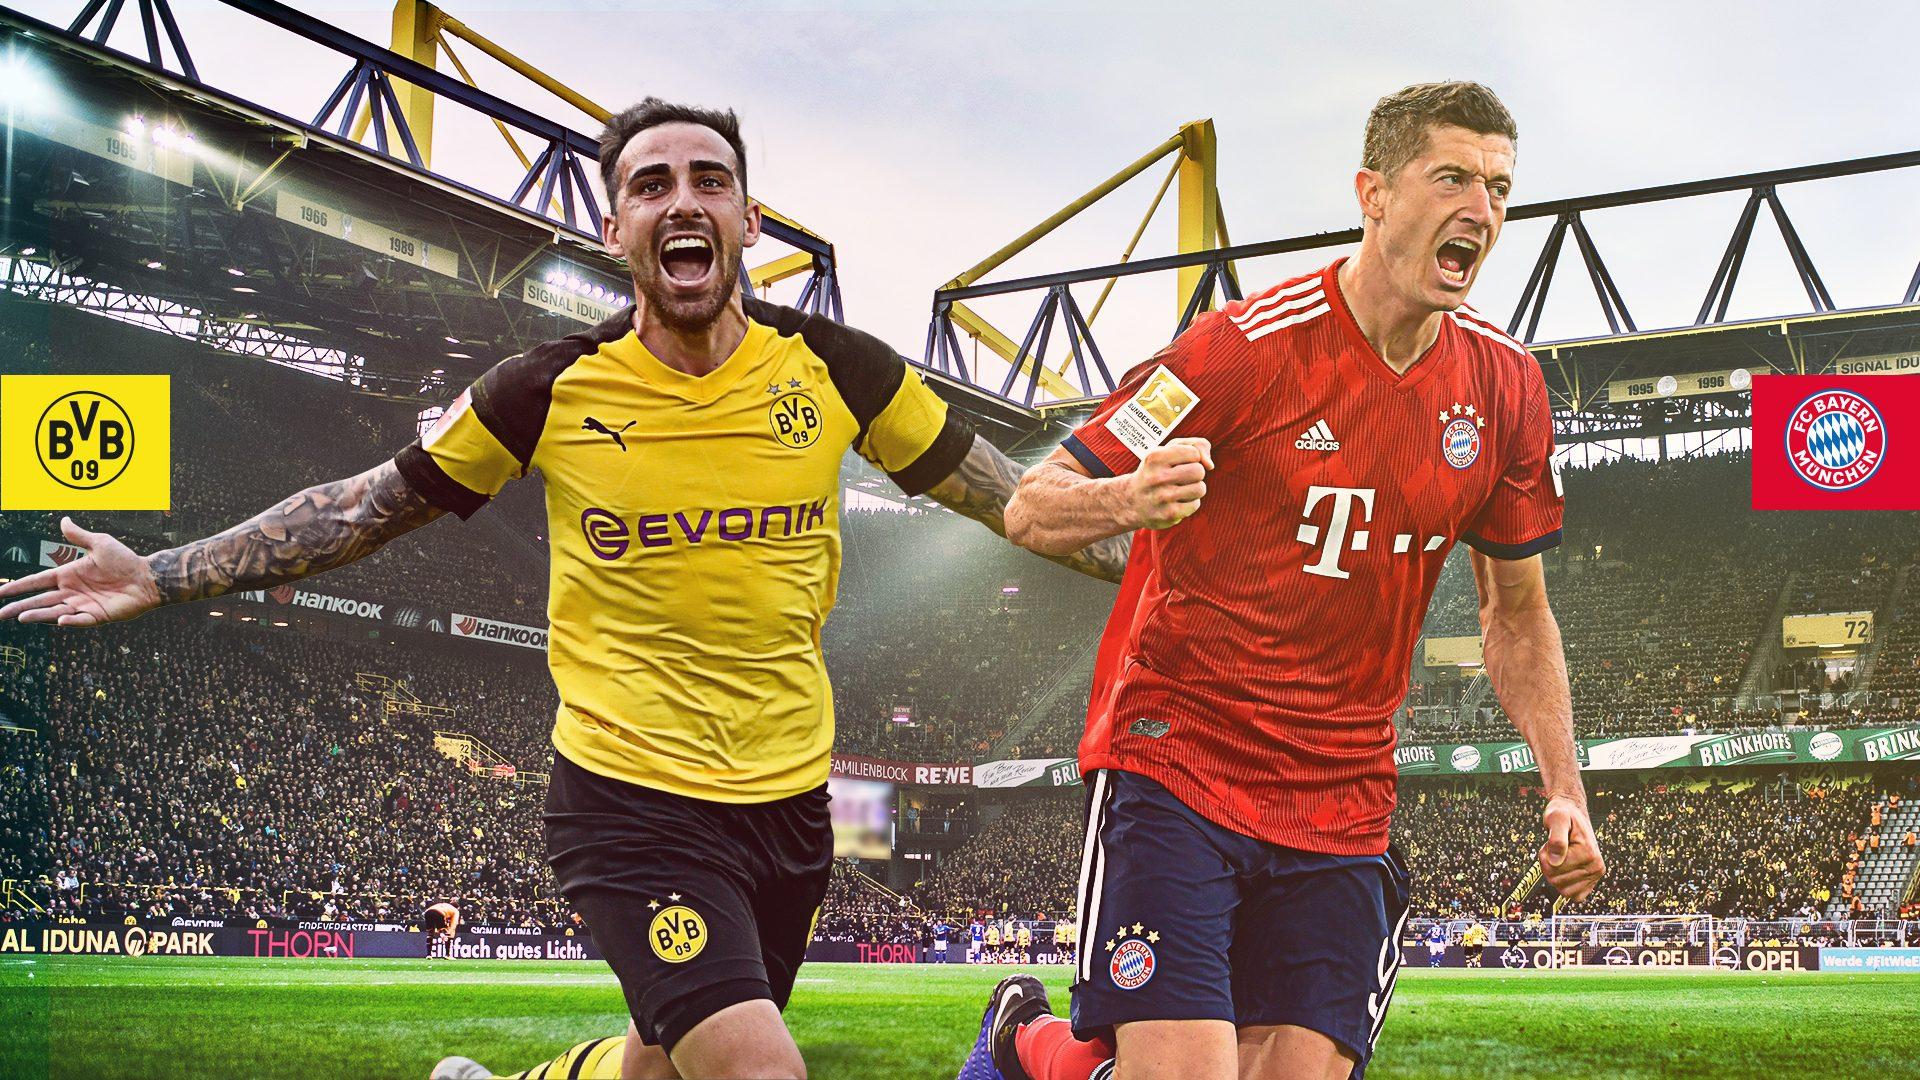 VEA: Los 5 mejores goles ¡Lewandowski vs. Alcácer!